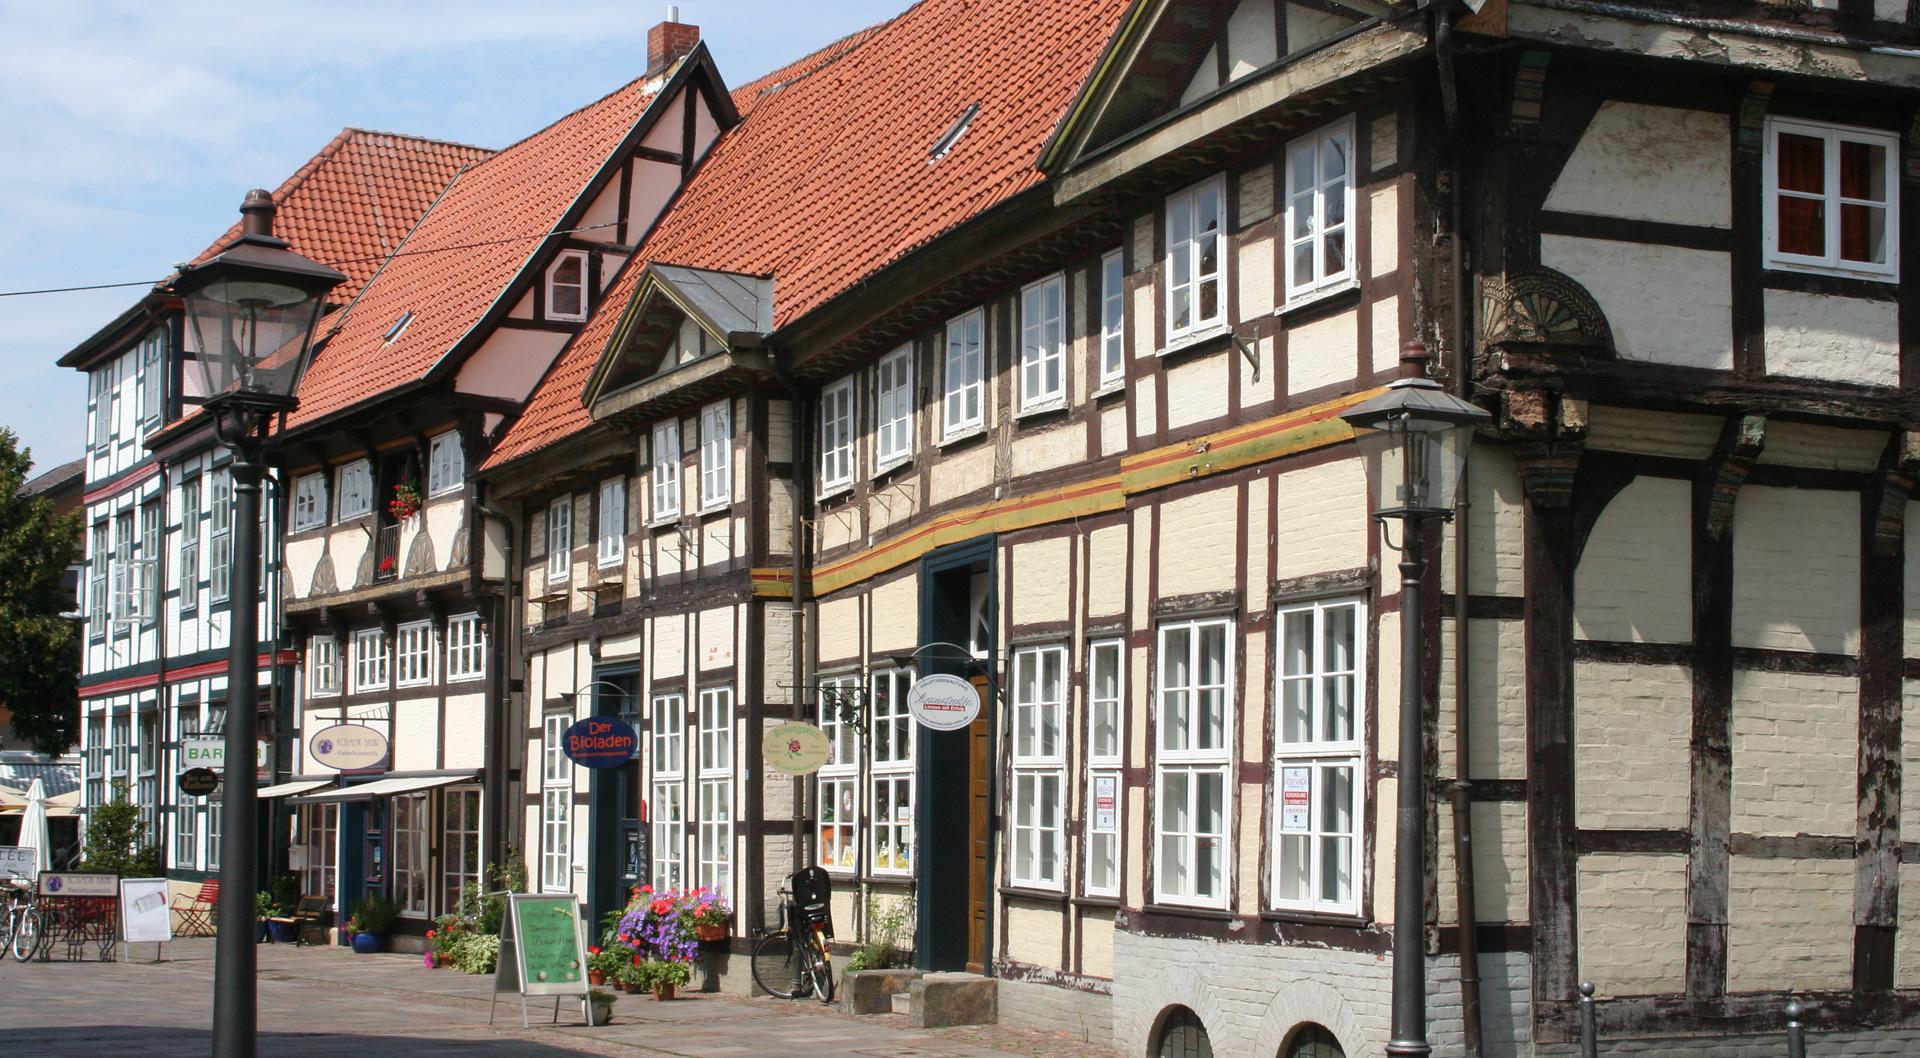 Nienburg Innenstadt